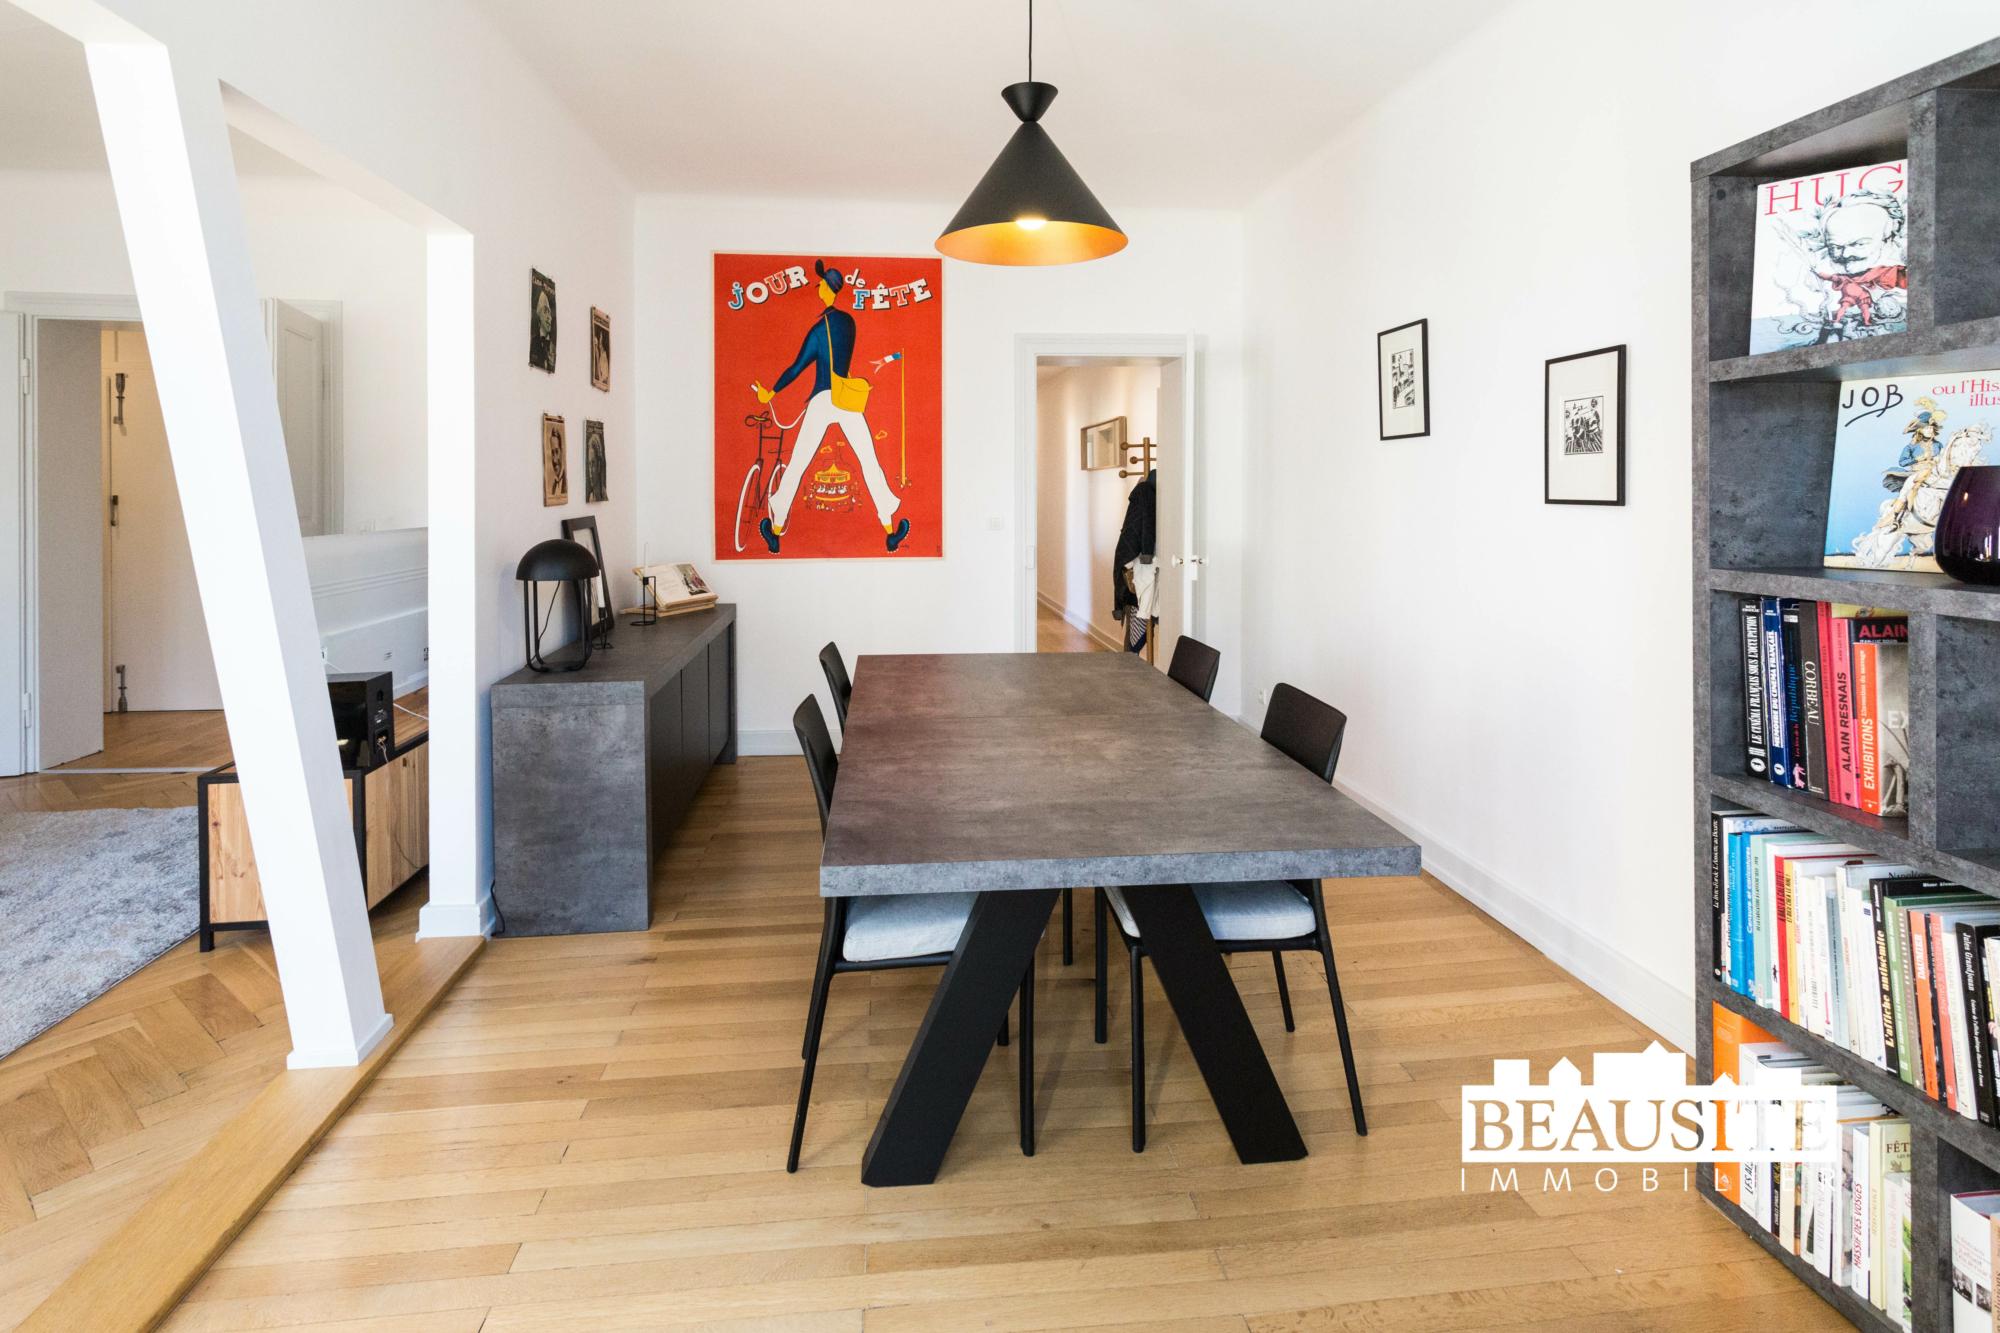 [Sobremesa] L'appartement 5 pièces chaleureux et convivial - Strasbourg / Boulevard du Président Poincaré - nos ventes - Beausite Immobilier 2